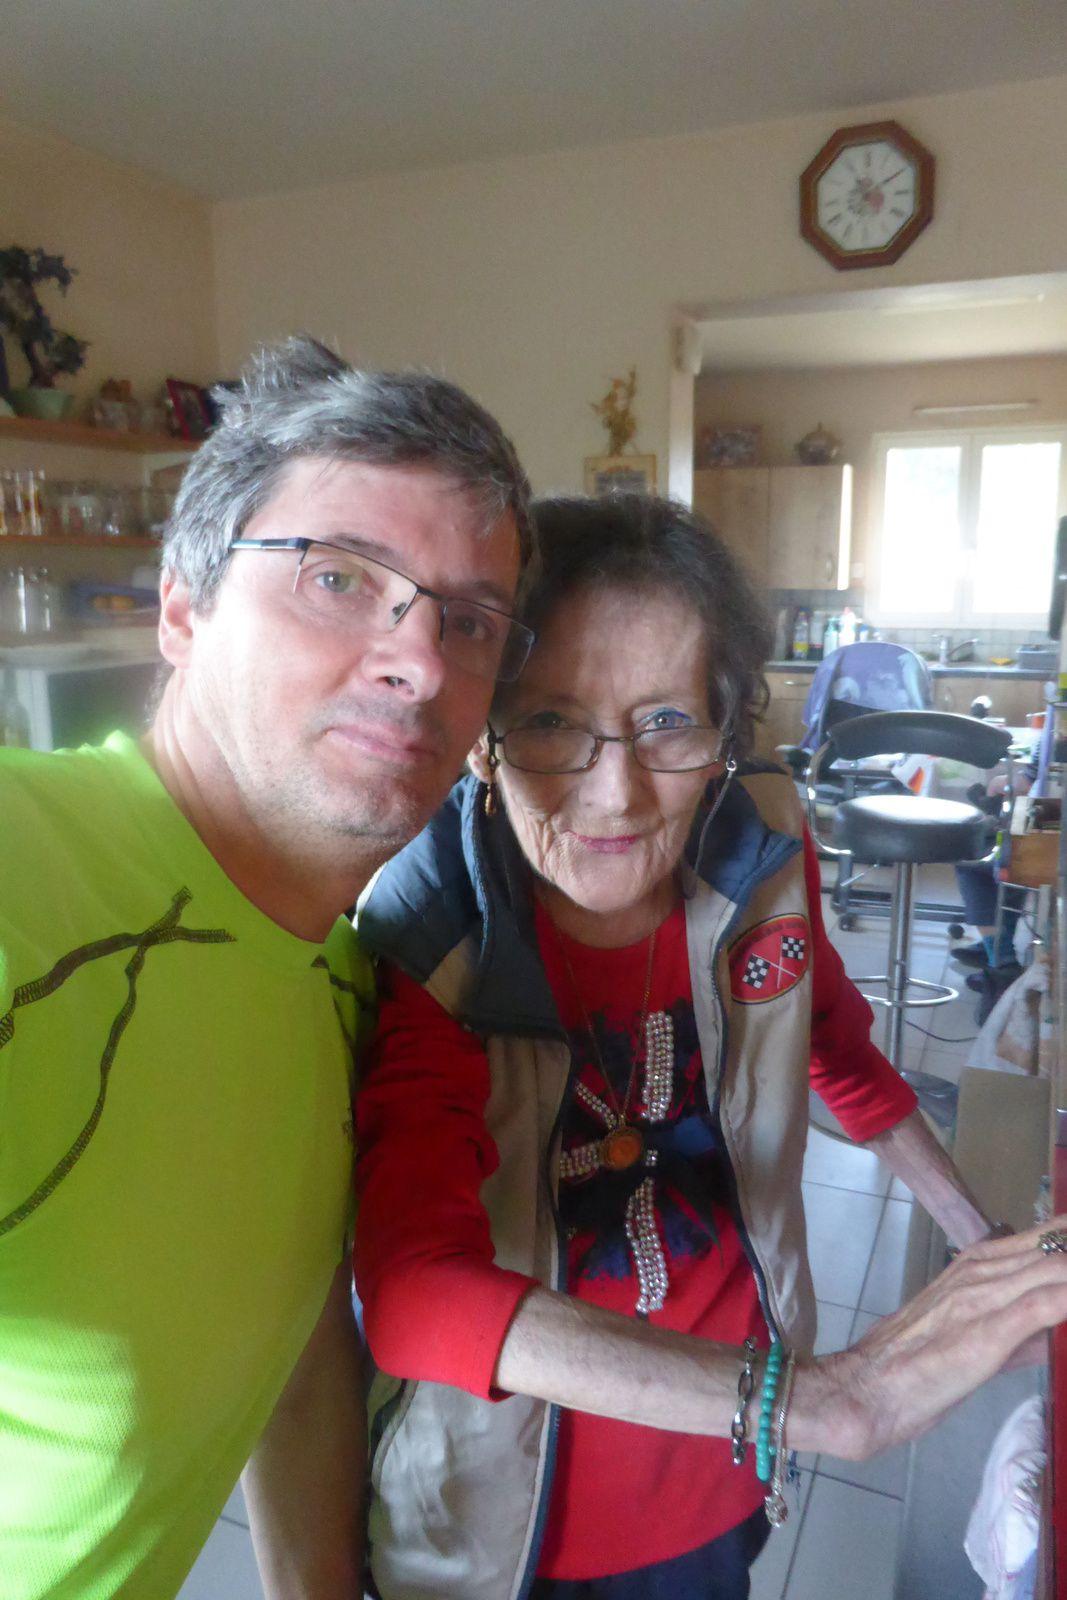 """Photo souvenir de moi et de Régine qui tiens au lieu-dit """"les Quatre Chemins"""" un café. Régine est une figure du chemin, un personnage, un coeur sur le chemin, elle se couperait en quatre pour les pèlerins et ça fait rudement plaisir de la voir car ça fait des années que je la vois et c'est toujours un plaisir de venir ici."""